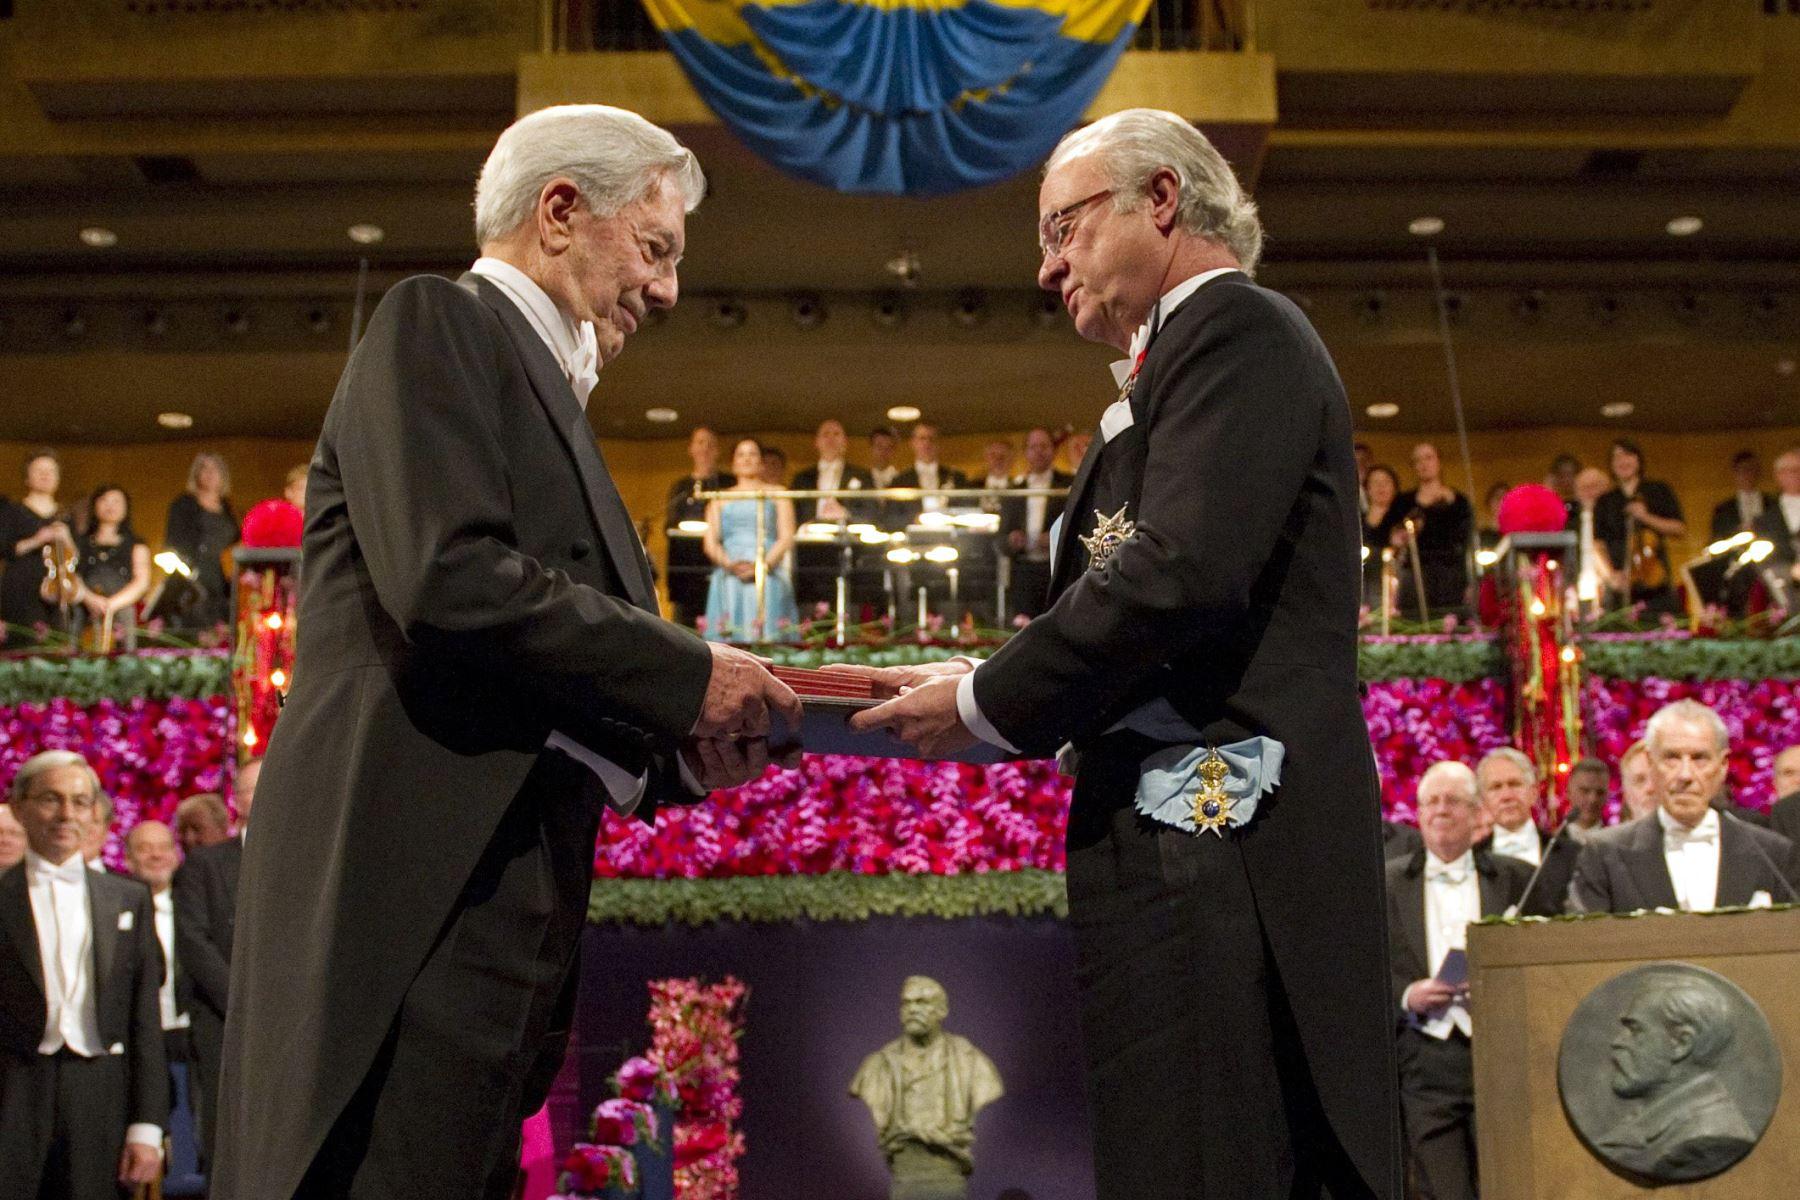 Fotografía tomada el 10 de diciembre de 2010. El escritor peruano Mario Vargas Llosa, recibe el Premio Nobel de Literatura del rey sueco Carl XVI Gustaf, en la Sala de Conciertos de Estocolmo. Foto: AFP